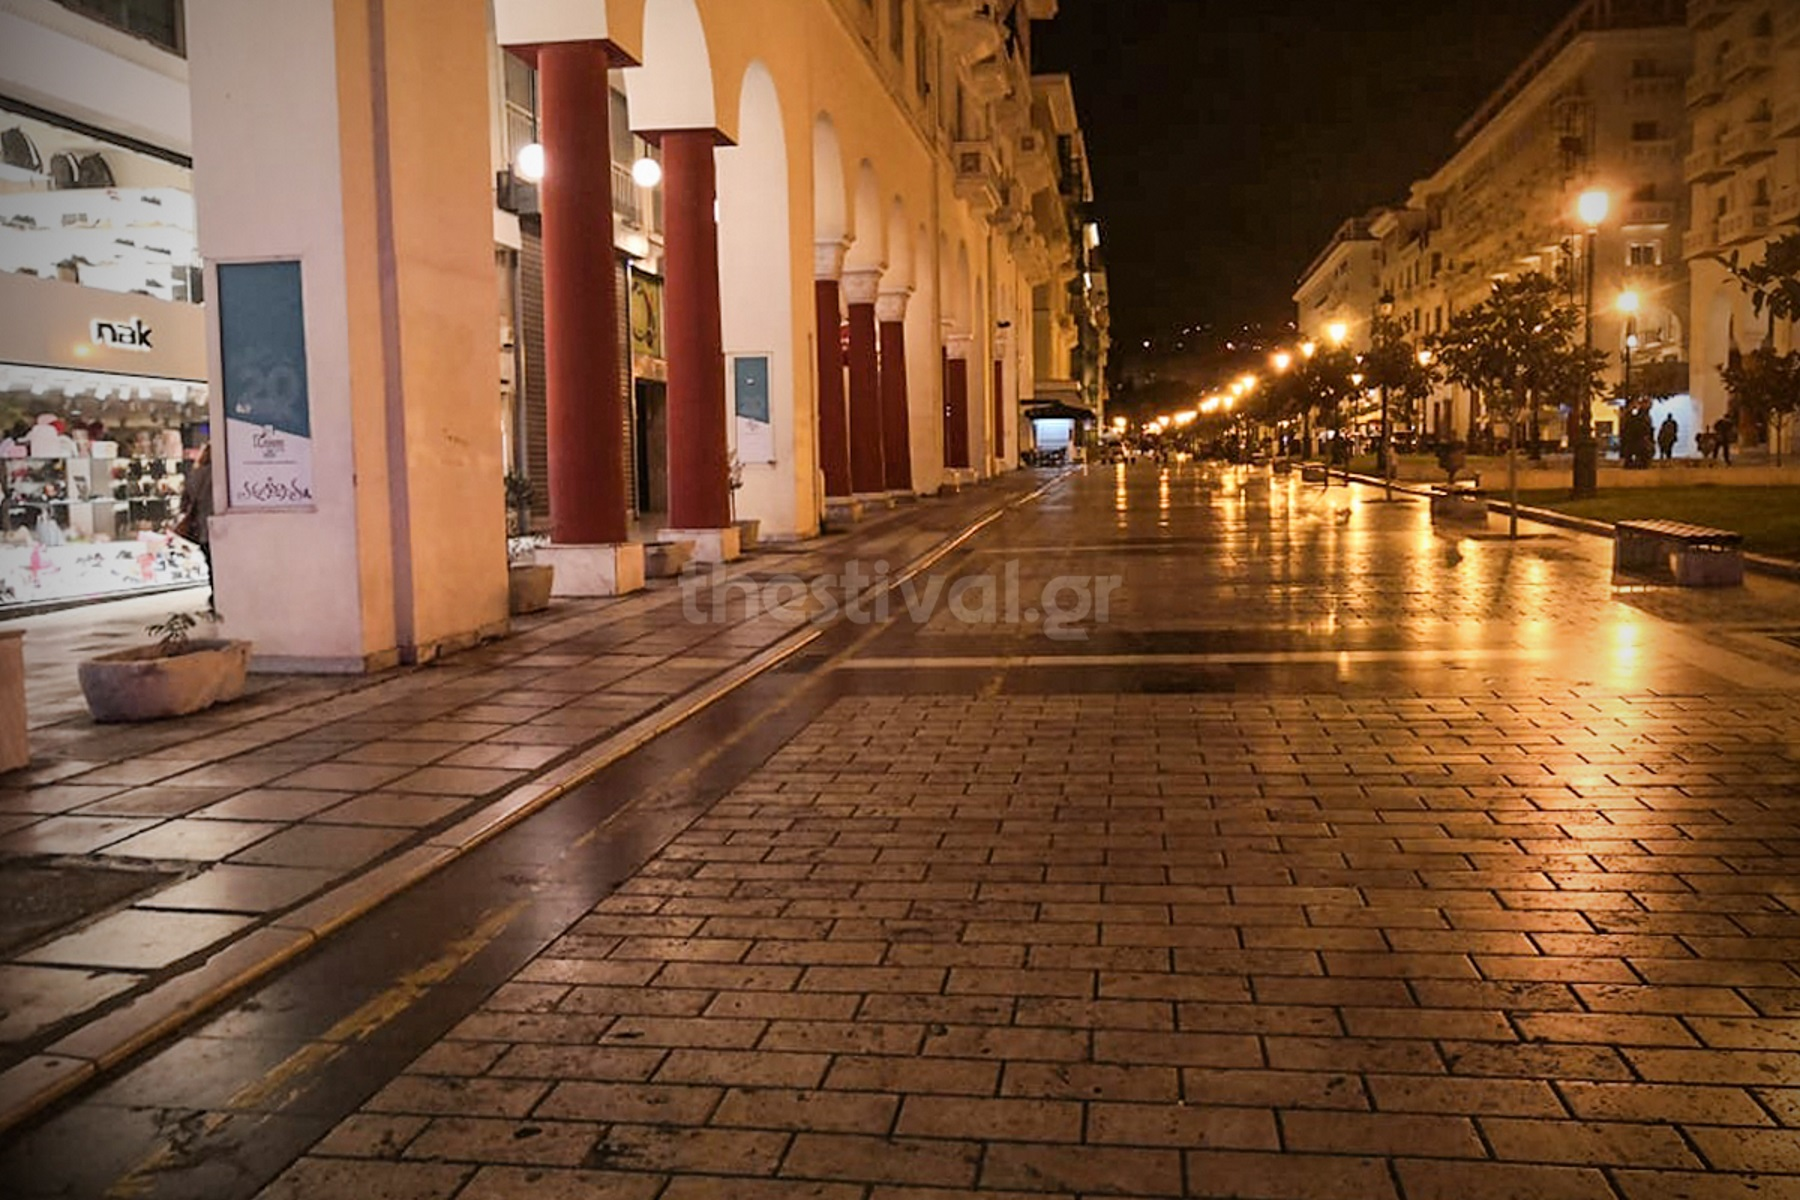 Θεσσαλονίκη: Έρημοι δρόμοι μετά το μίνι lockdown – 100% πληρότητα στις ΜΕΘ Covid